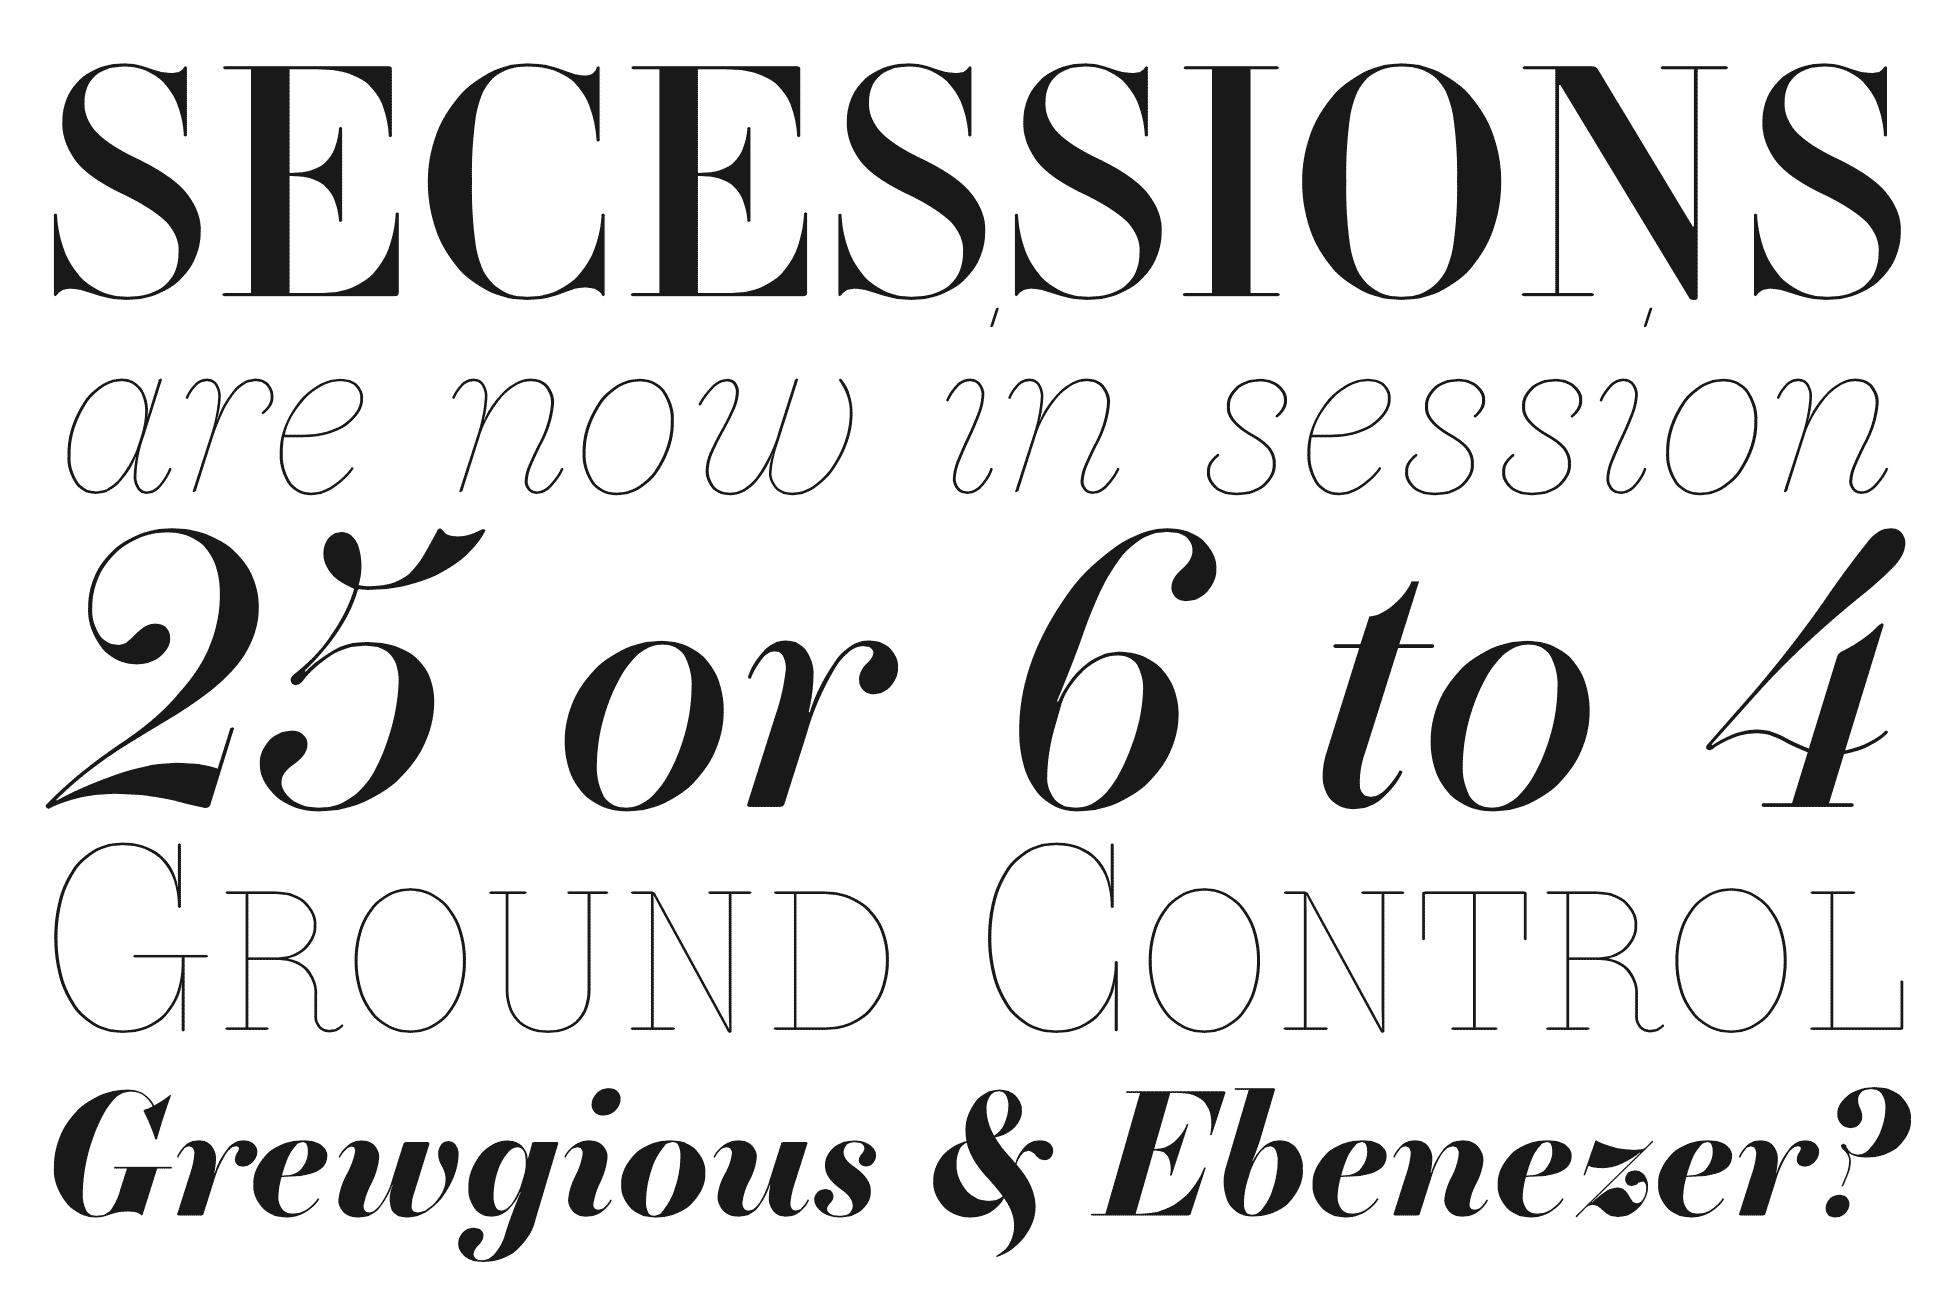 essonnes-fonts-specimen